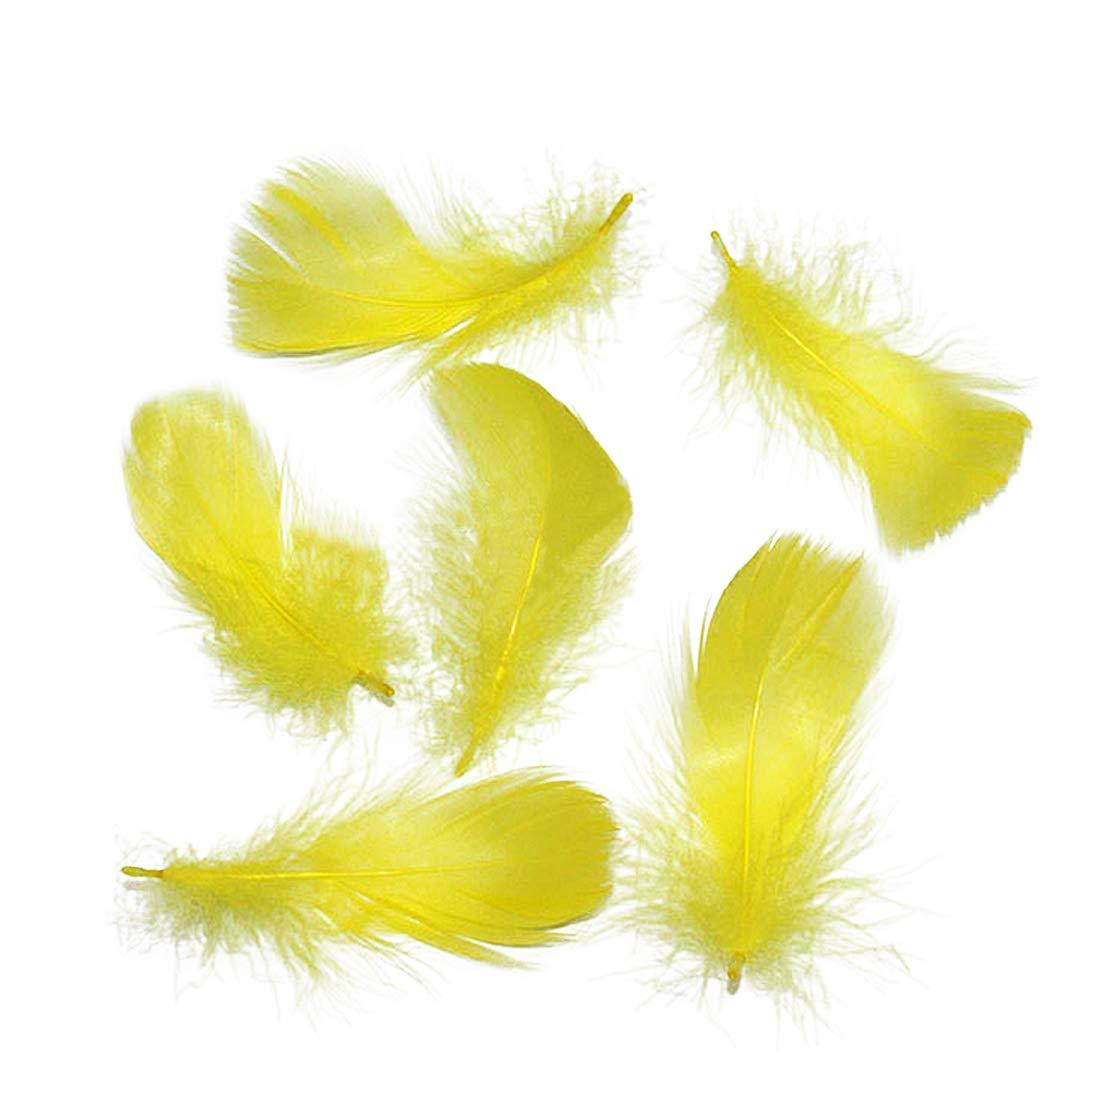 Piume di Oca Naturale 8-12 cm /3.14-4.72 Pollici Tinte Colorate Fare Vari DIY Artigianati con Queste Piume Belle, Champagne 100Pcs Topfele